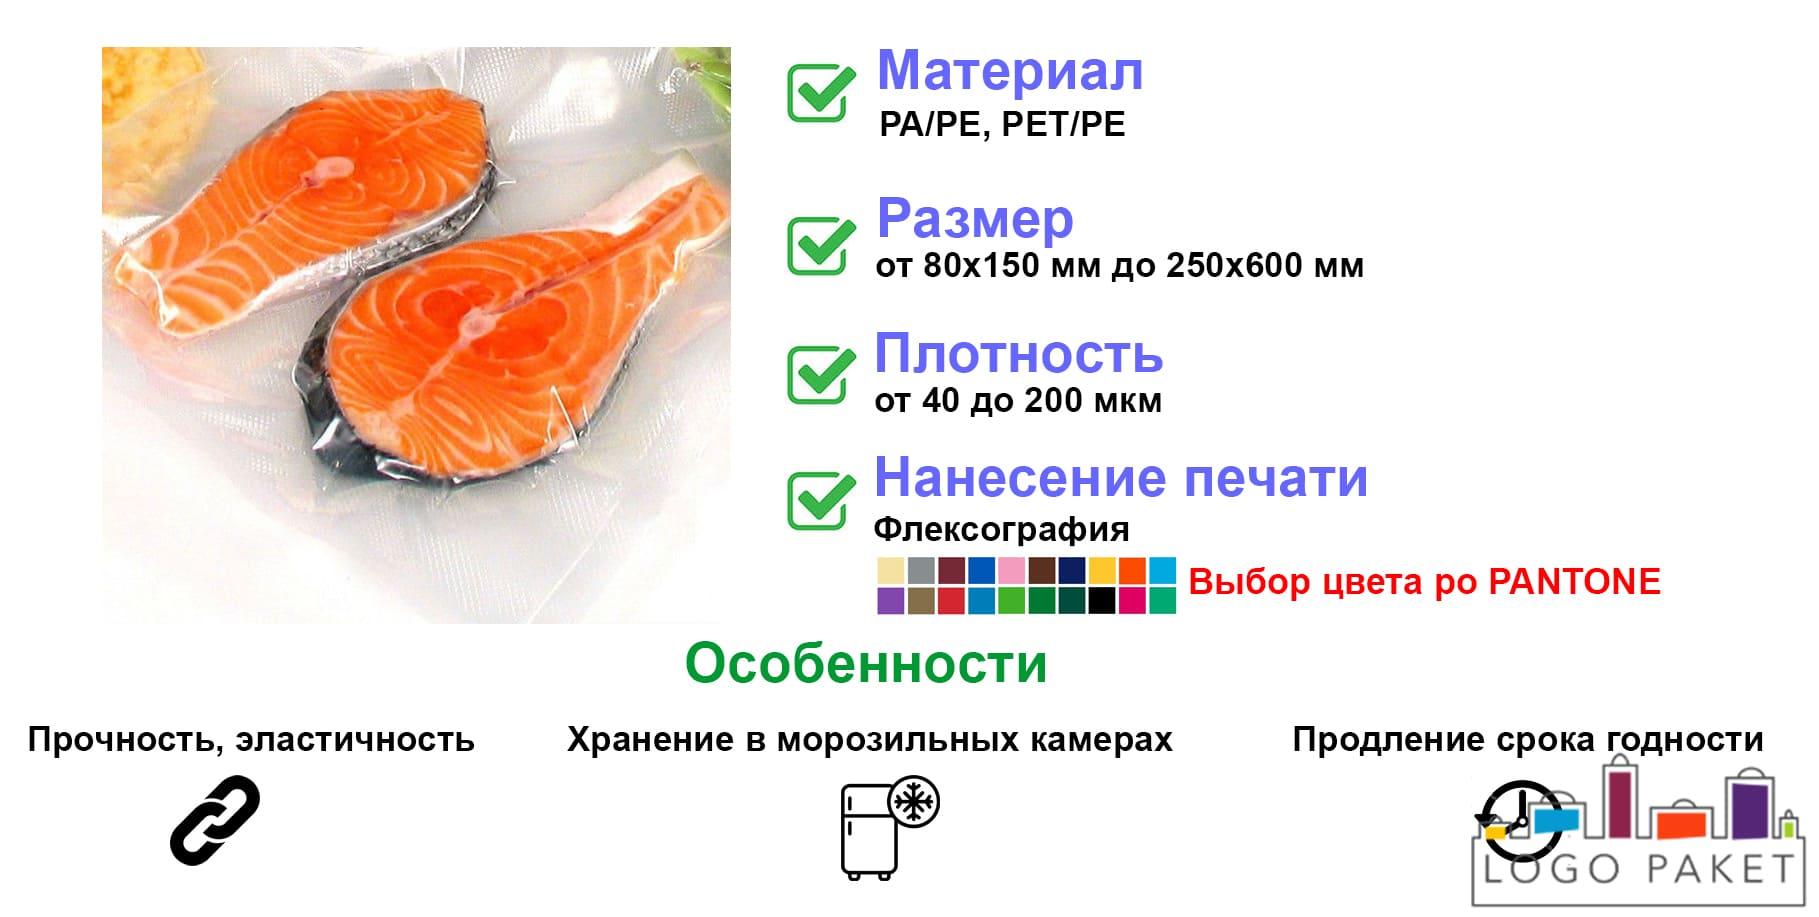 Вакуумные пакеты для рыбы инфографика